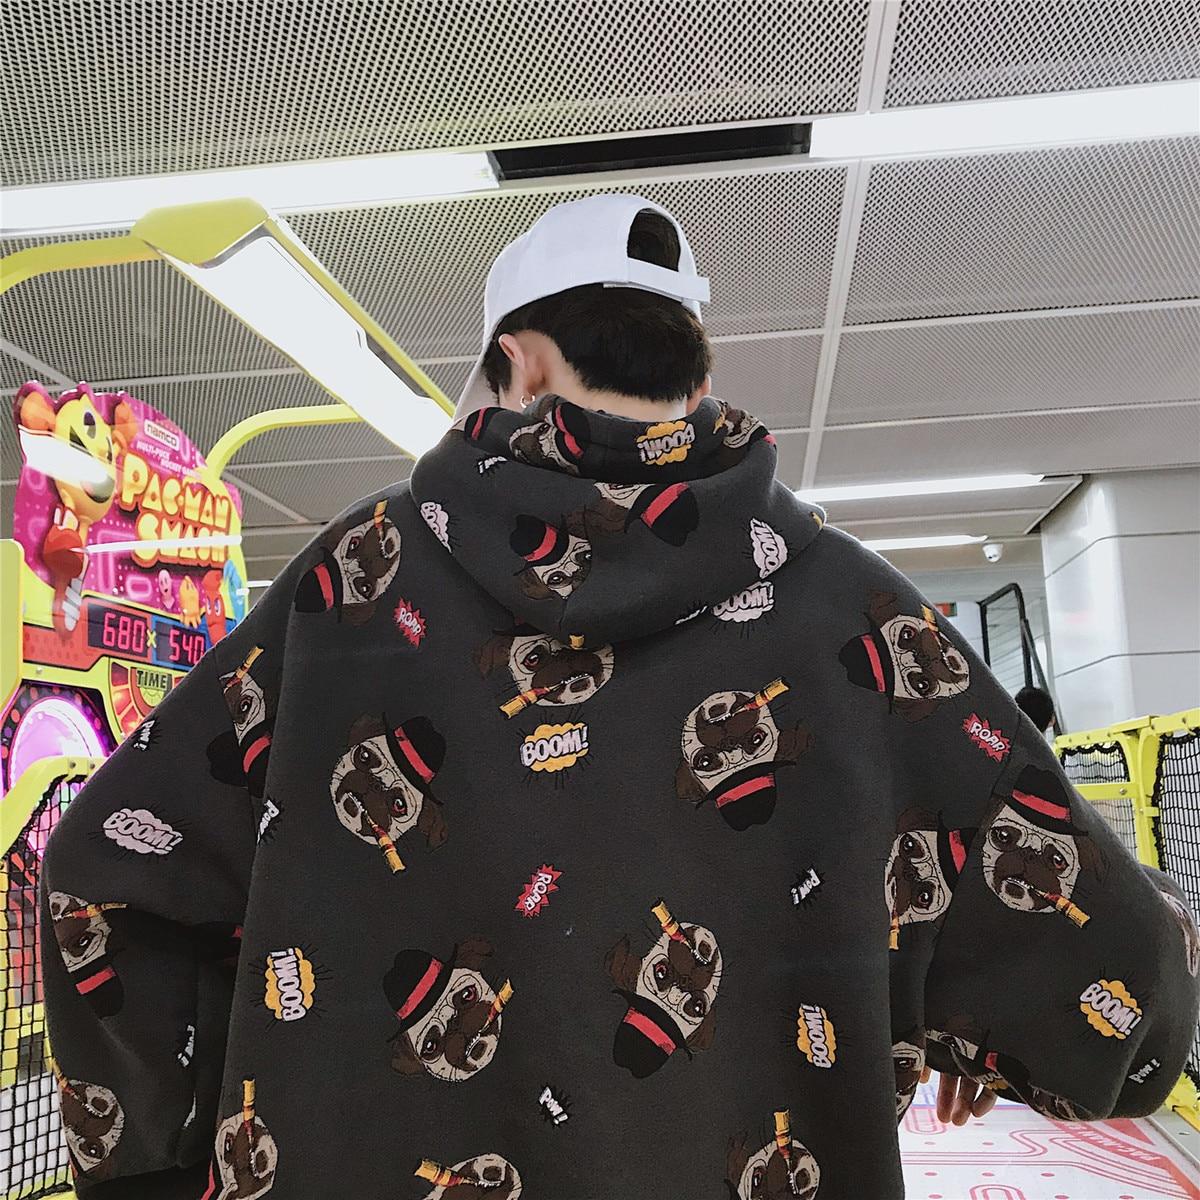 2018 hommes marque de mode vêtements pull dessin animé impression mâle sweat à capuche coton pulls décontractés blanc/gris manteaux M-XL - 2